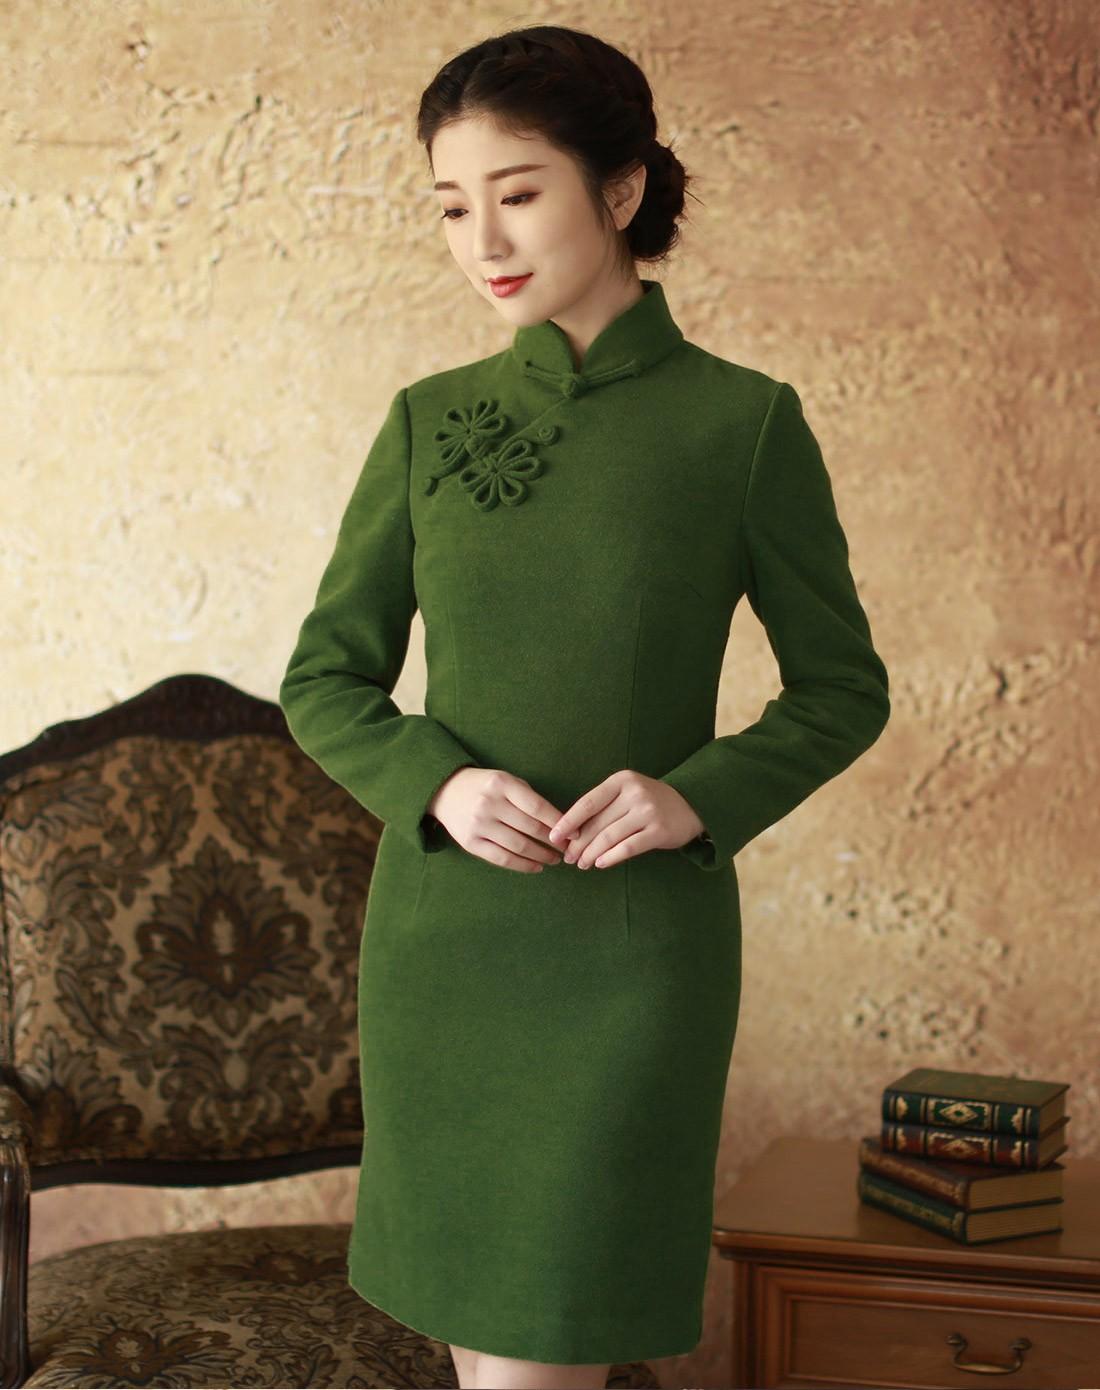 庞哲高端旗袍私人定制公司 个人高级定做时尚旗袍